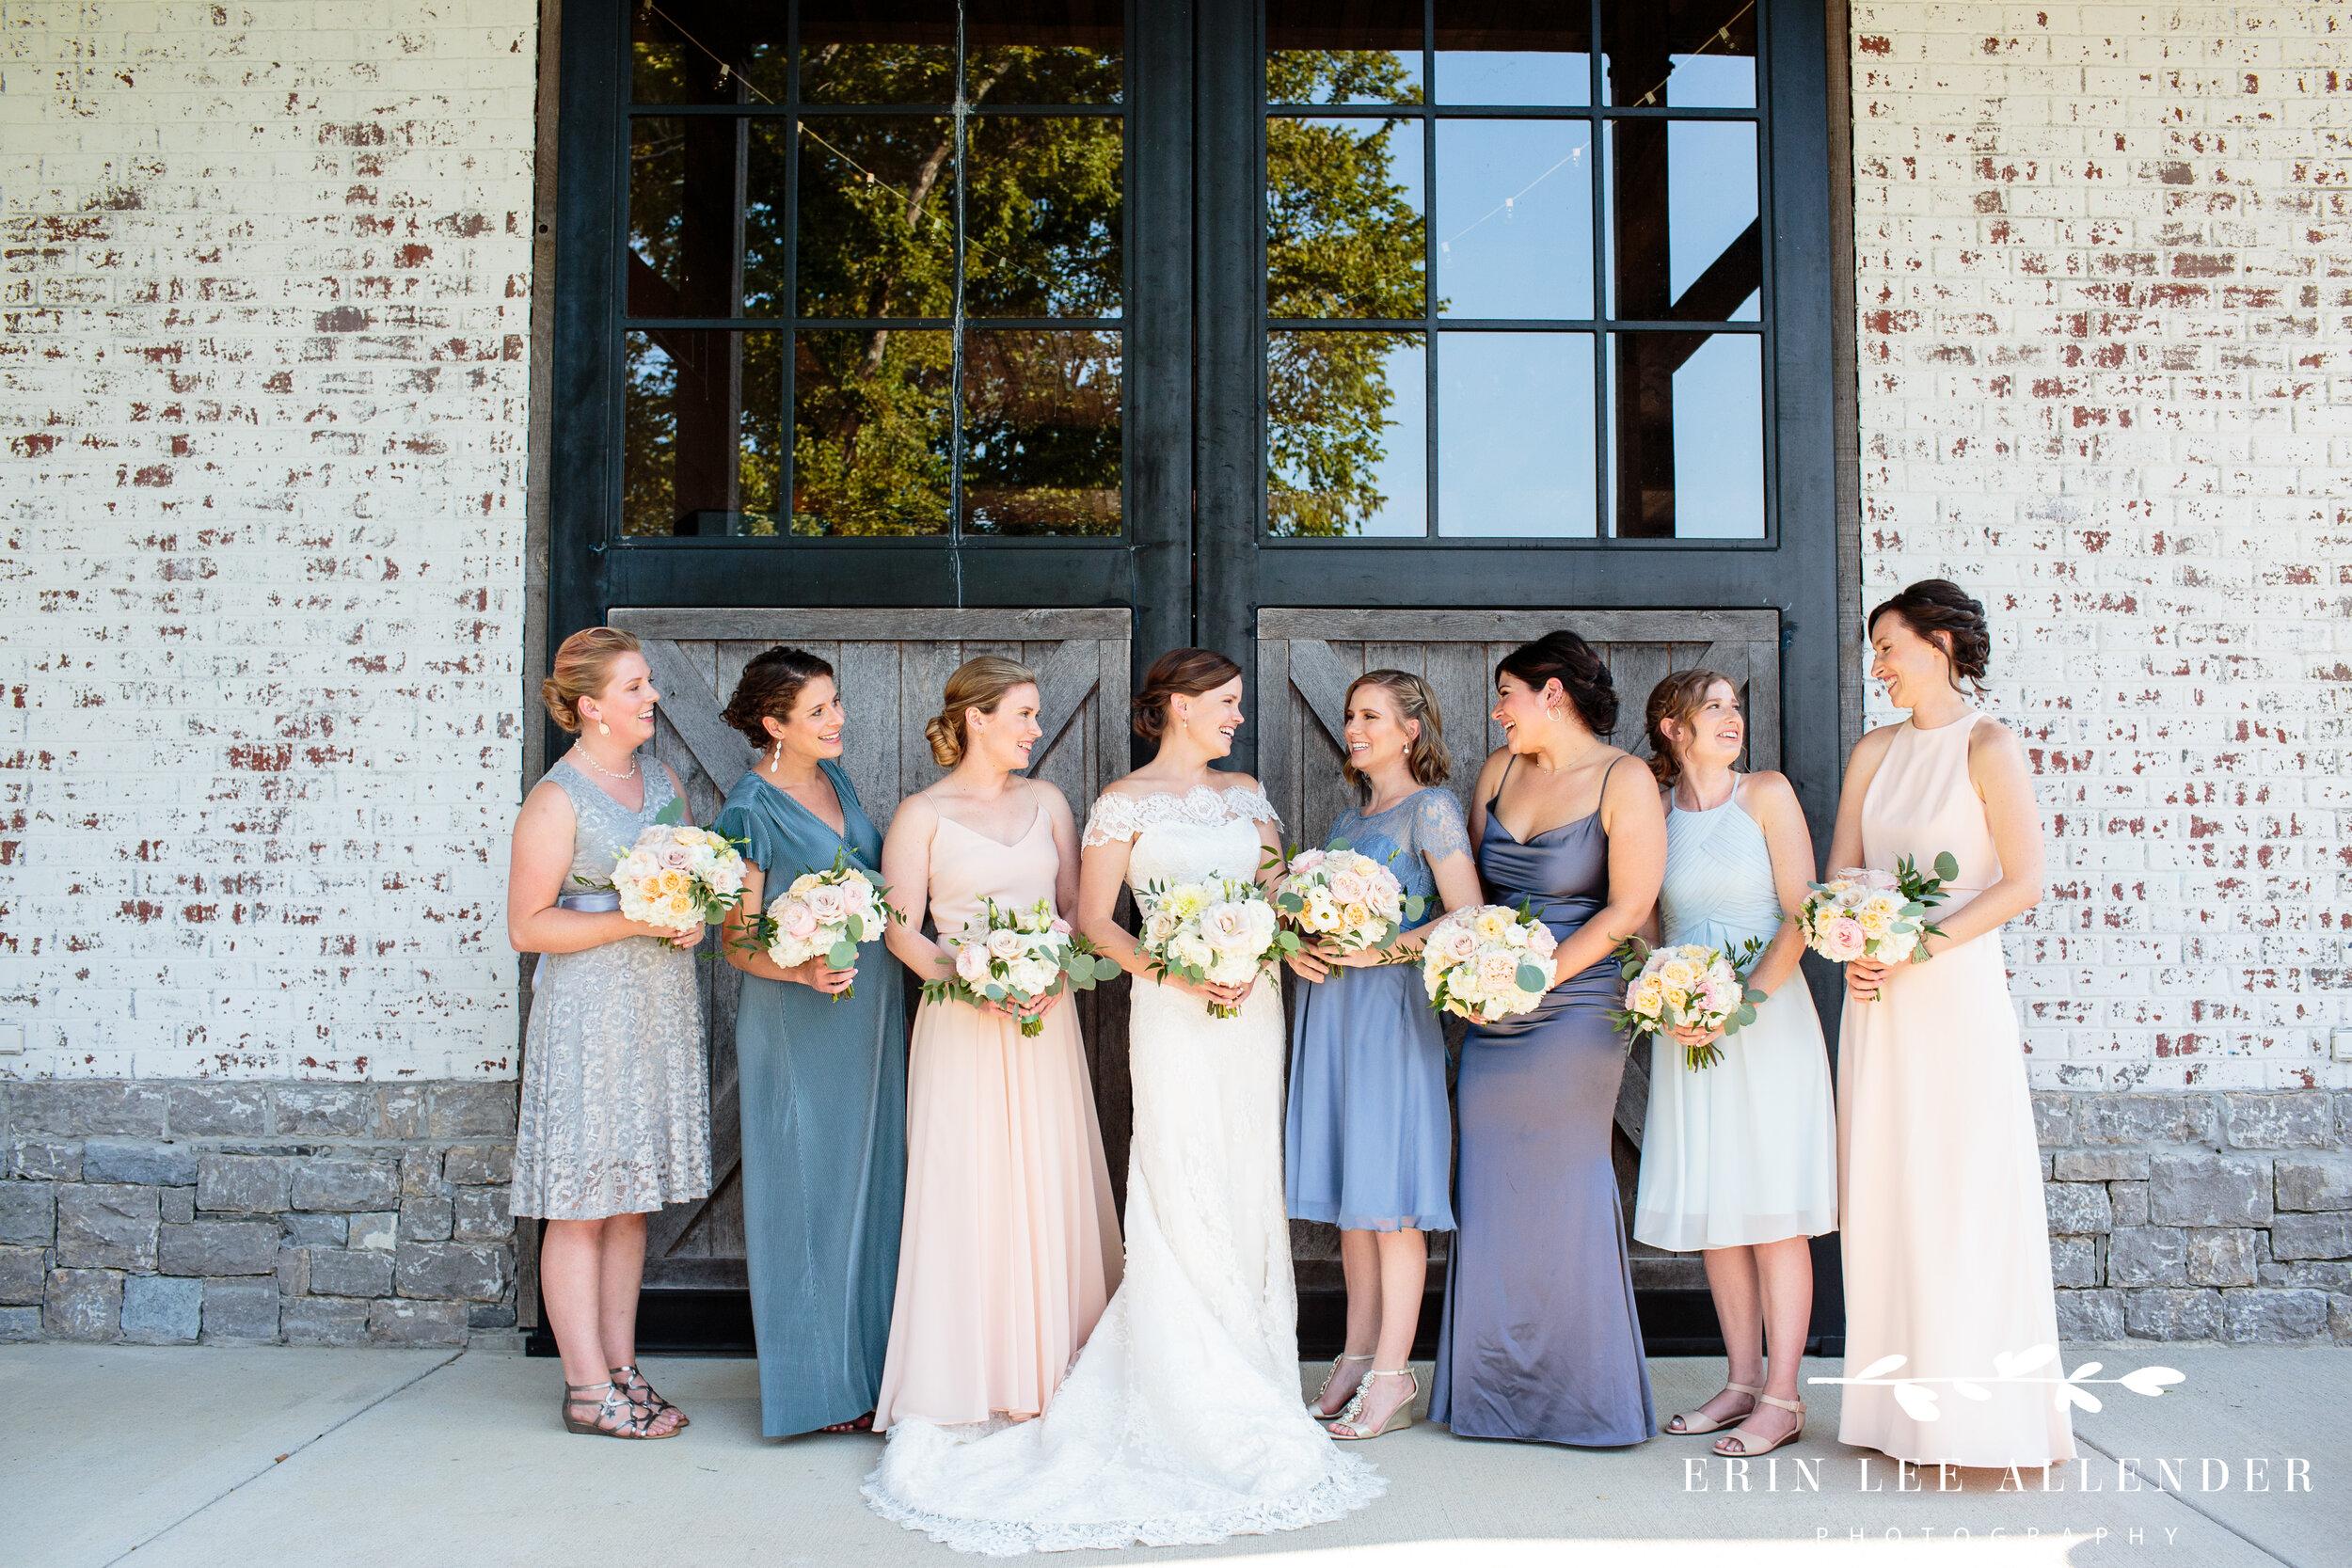 different-Color-bridesmaids-dresses